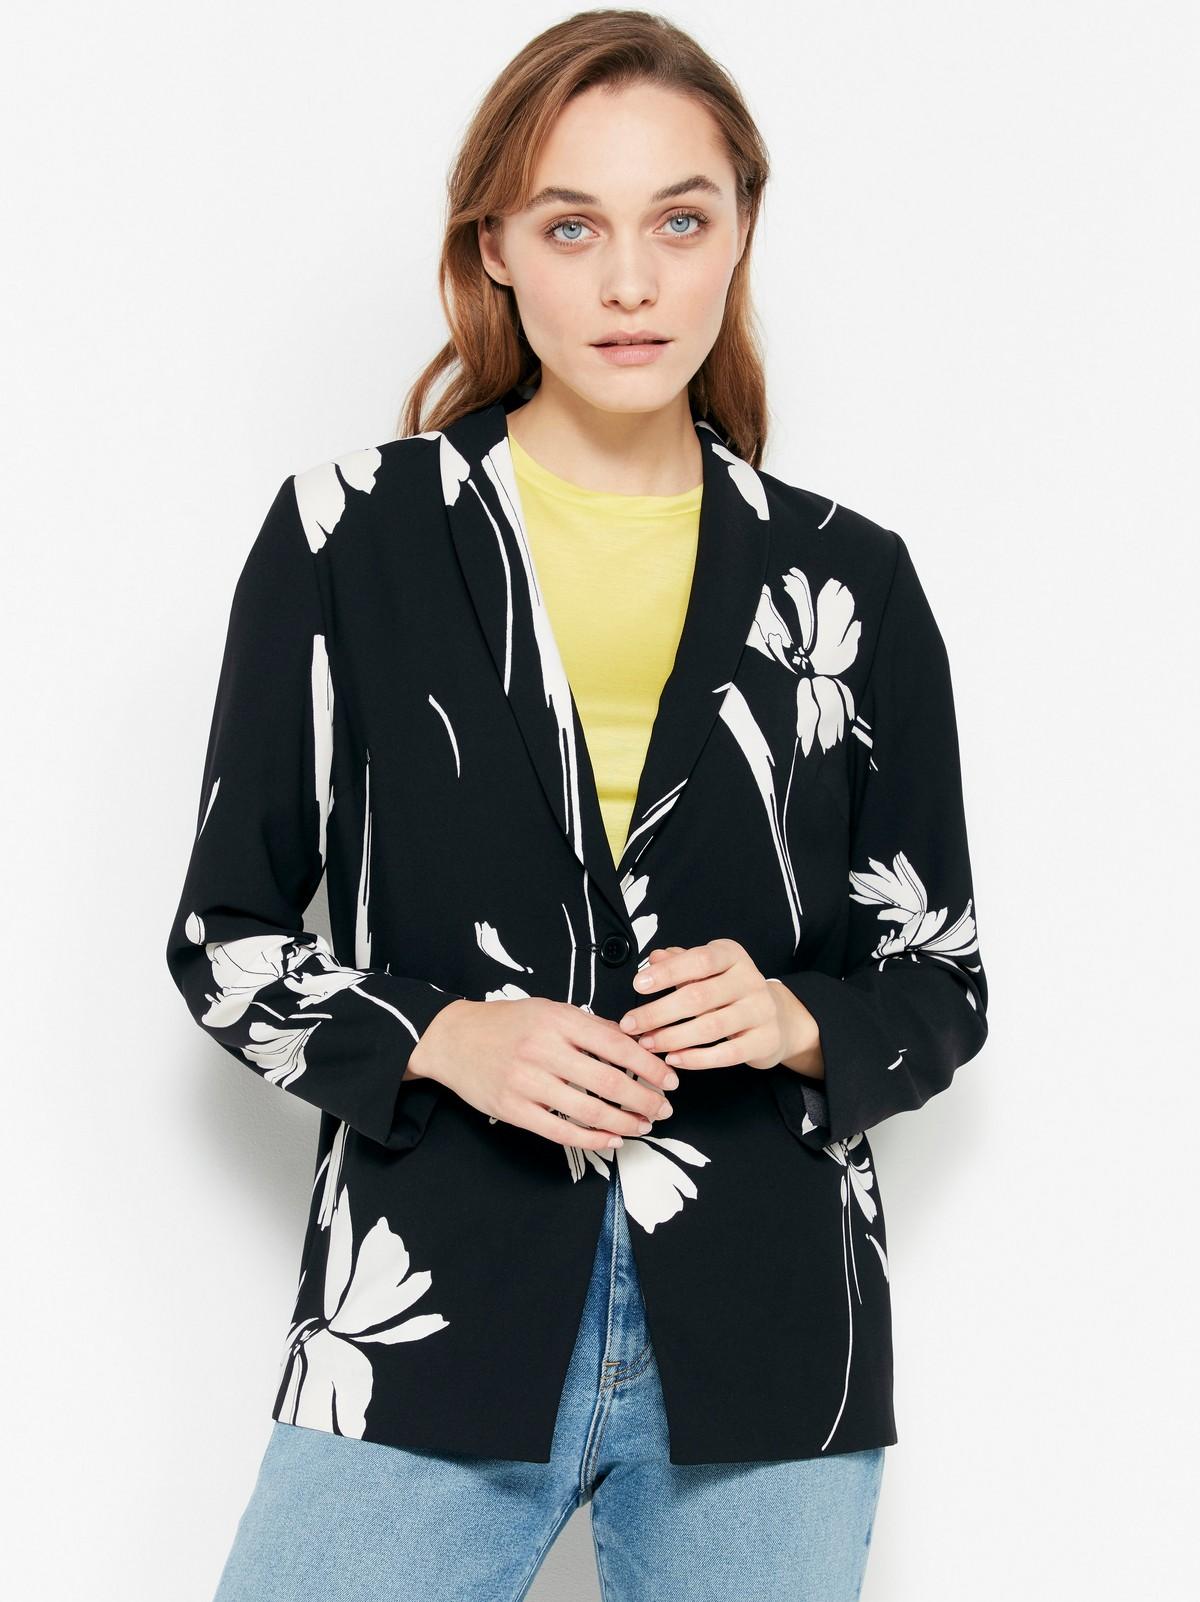 Myk jakke med blomster | Lindex